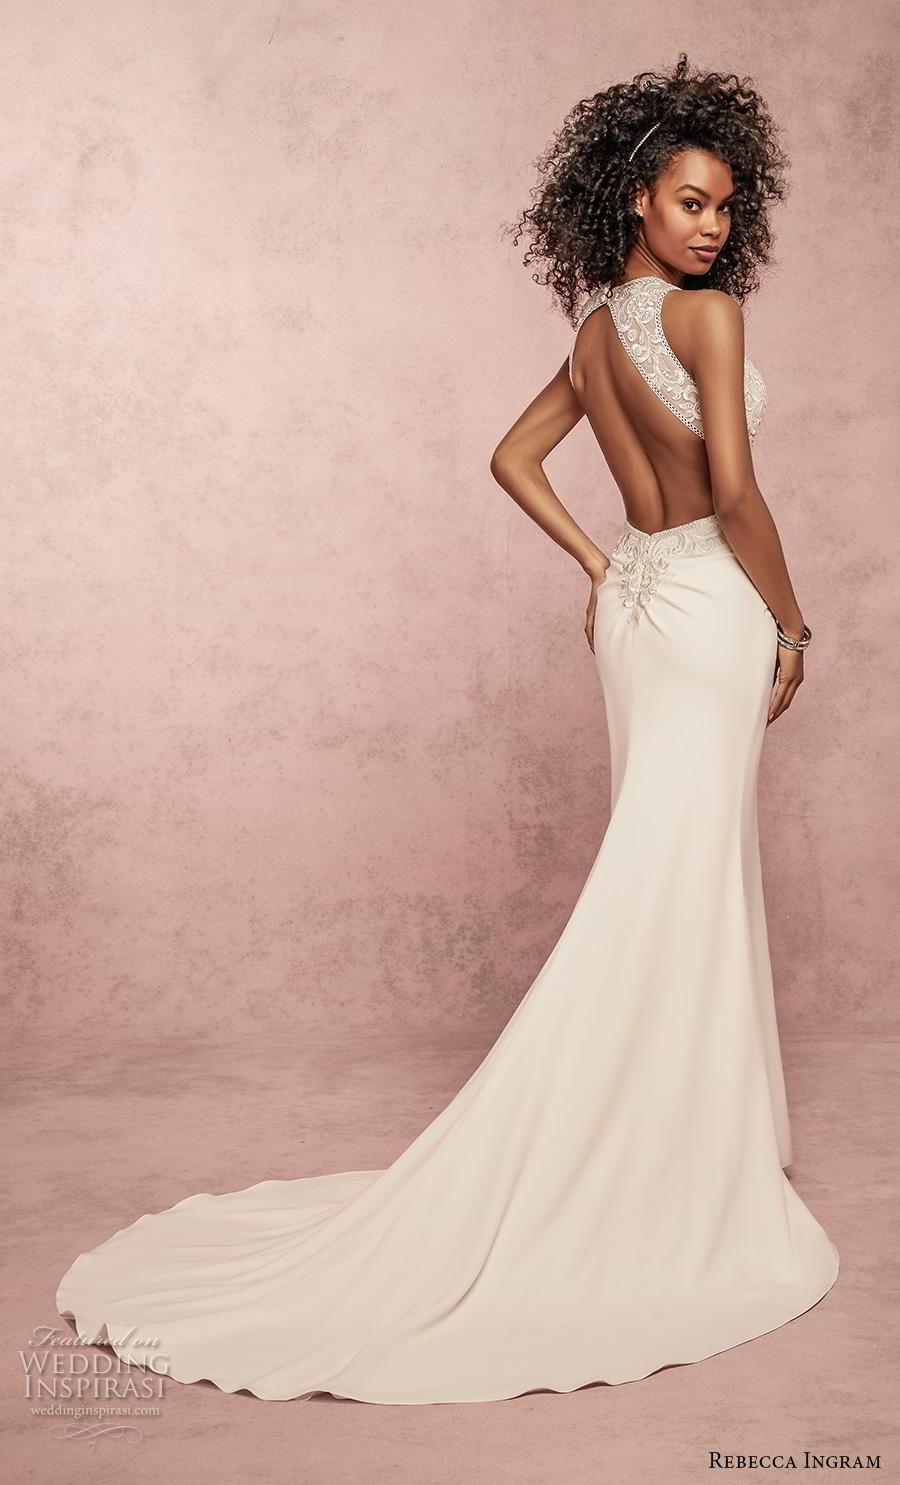 rebecca ingram s2019 bridal sleeveless halter neck heavily embellished bodice elegant fit and flare sheath wedding dress keyhole back medium train (14) bv